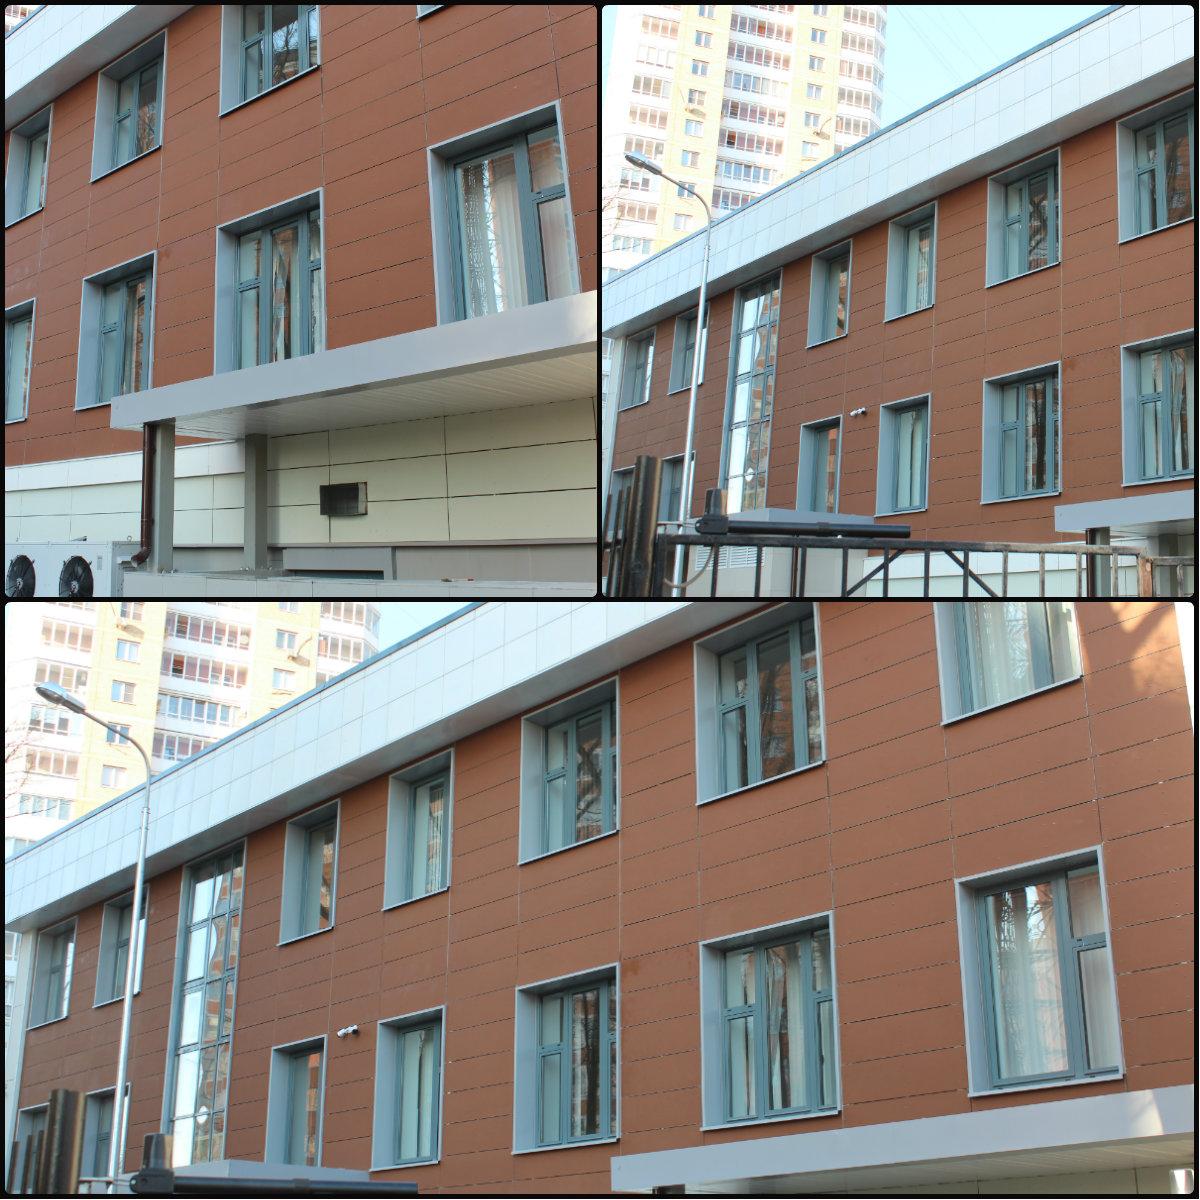 Облицовка фасада офисного здания фиброцементными плитами